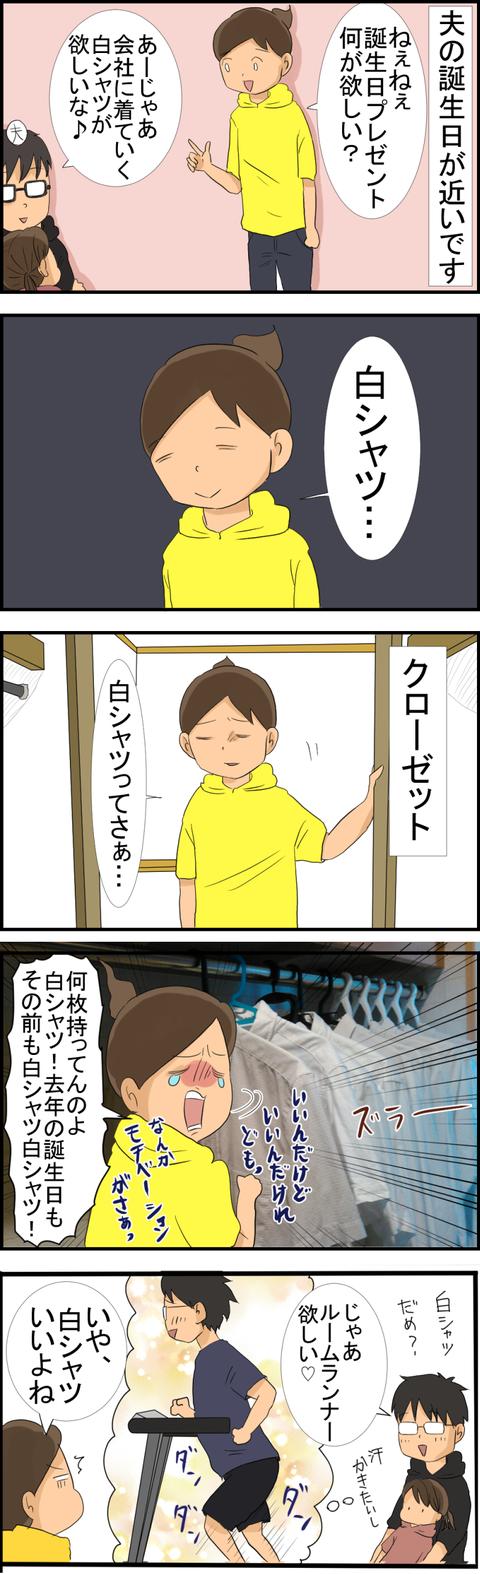 かい白シャツ